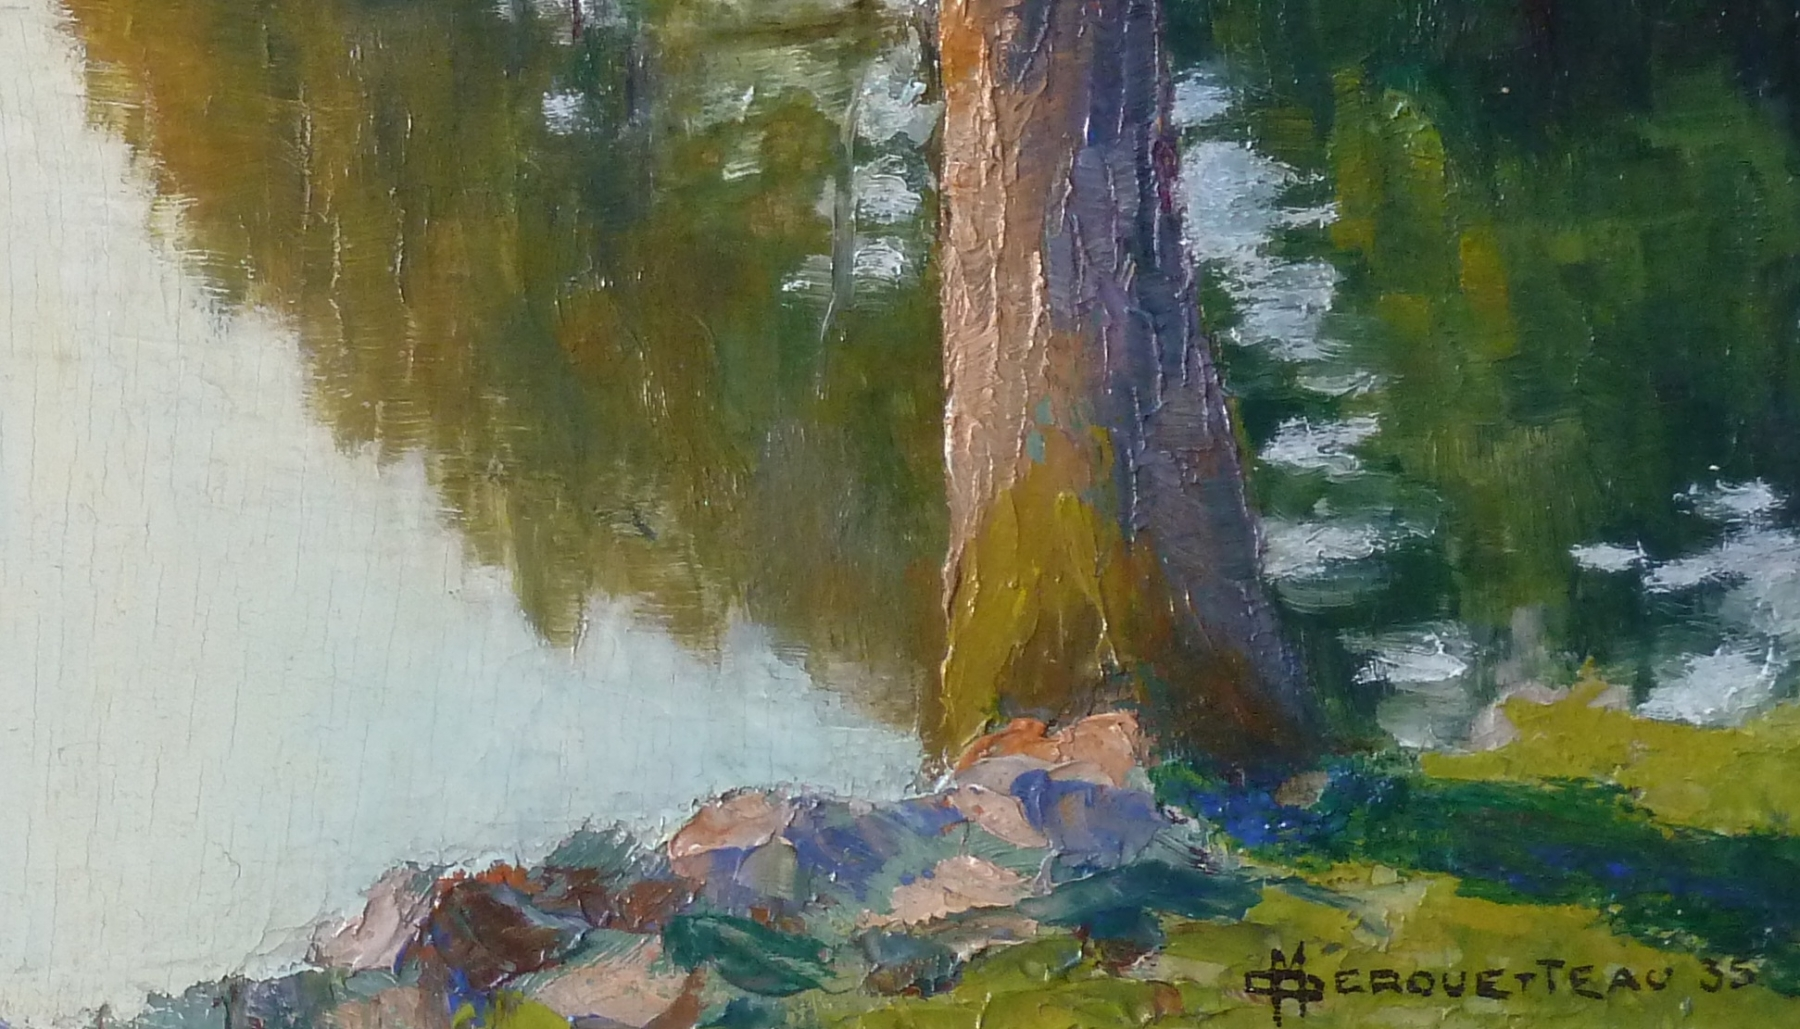 Derouetteau-maurice-paysage-a-l-etang-signature